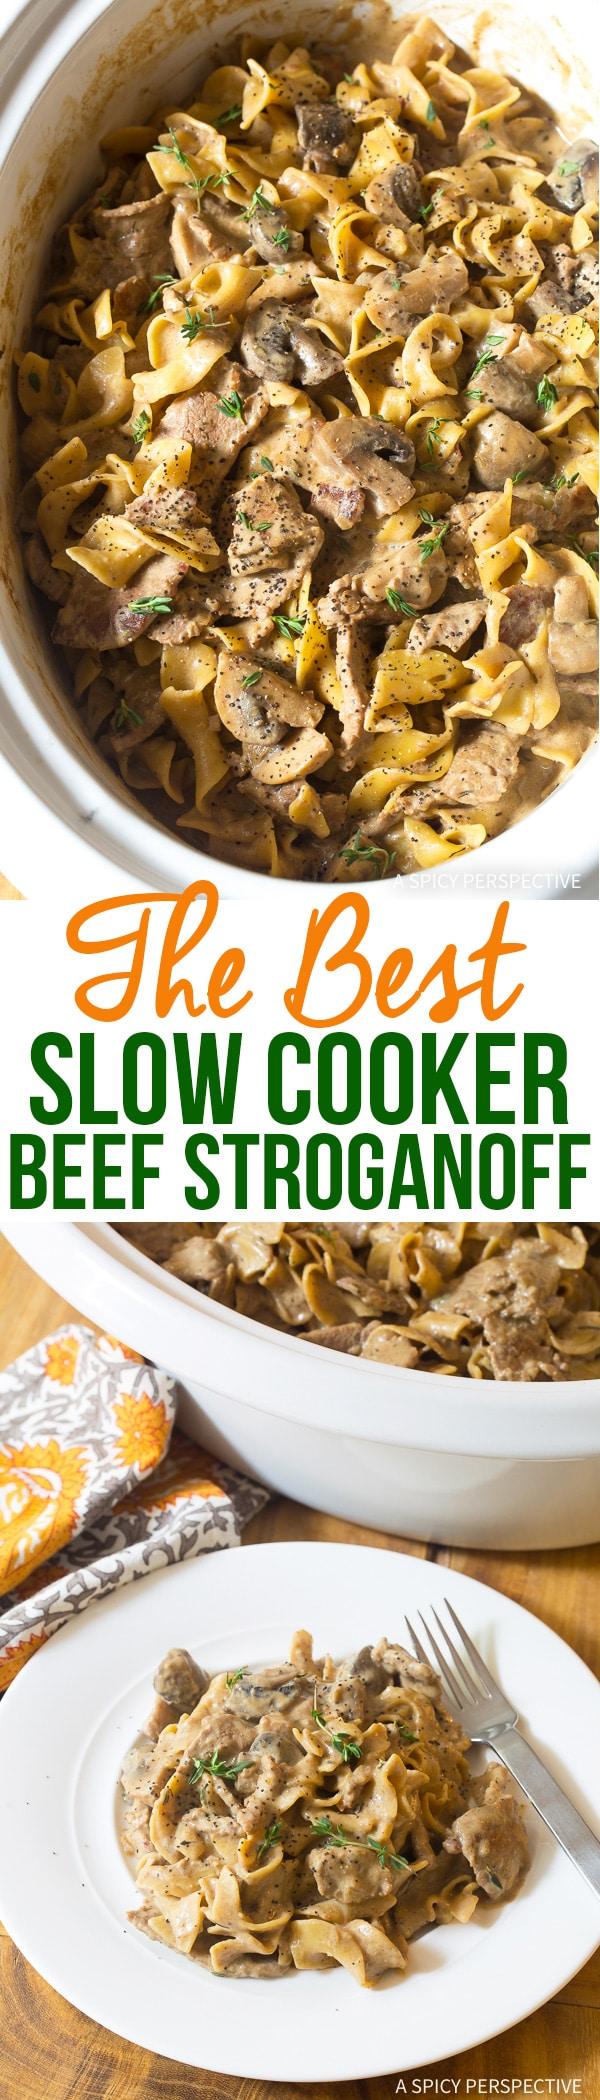 The Best Slow Cooker Beef Stroganoff Recipe Ever!